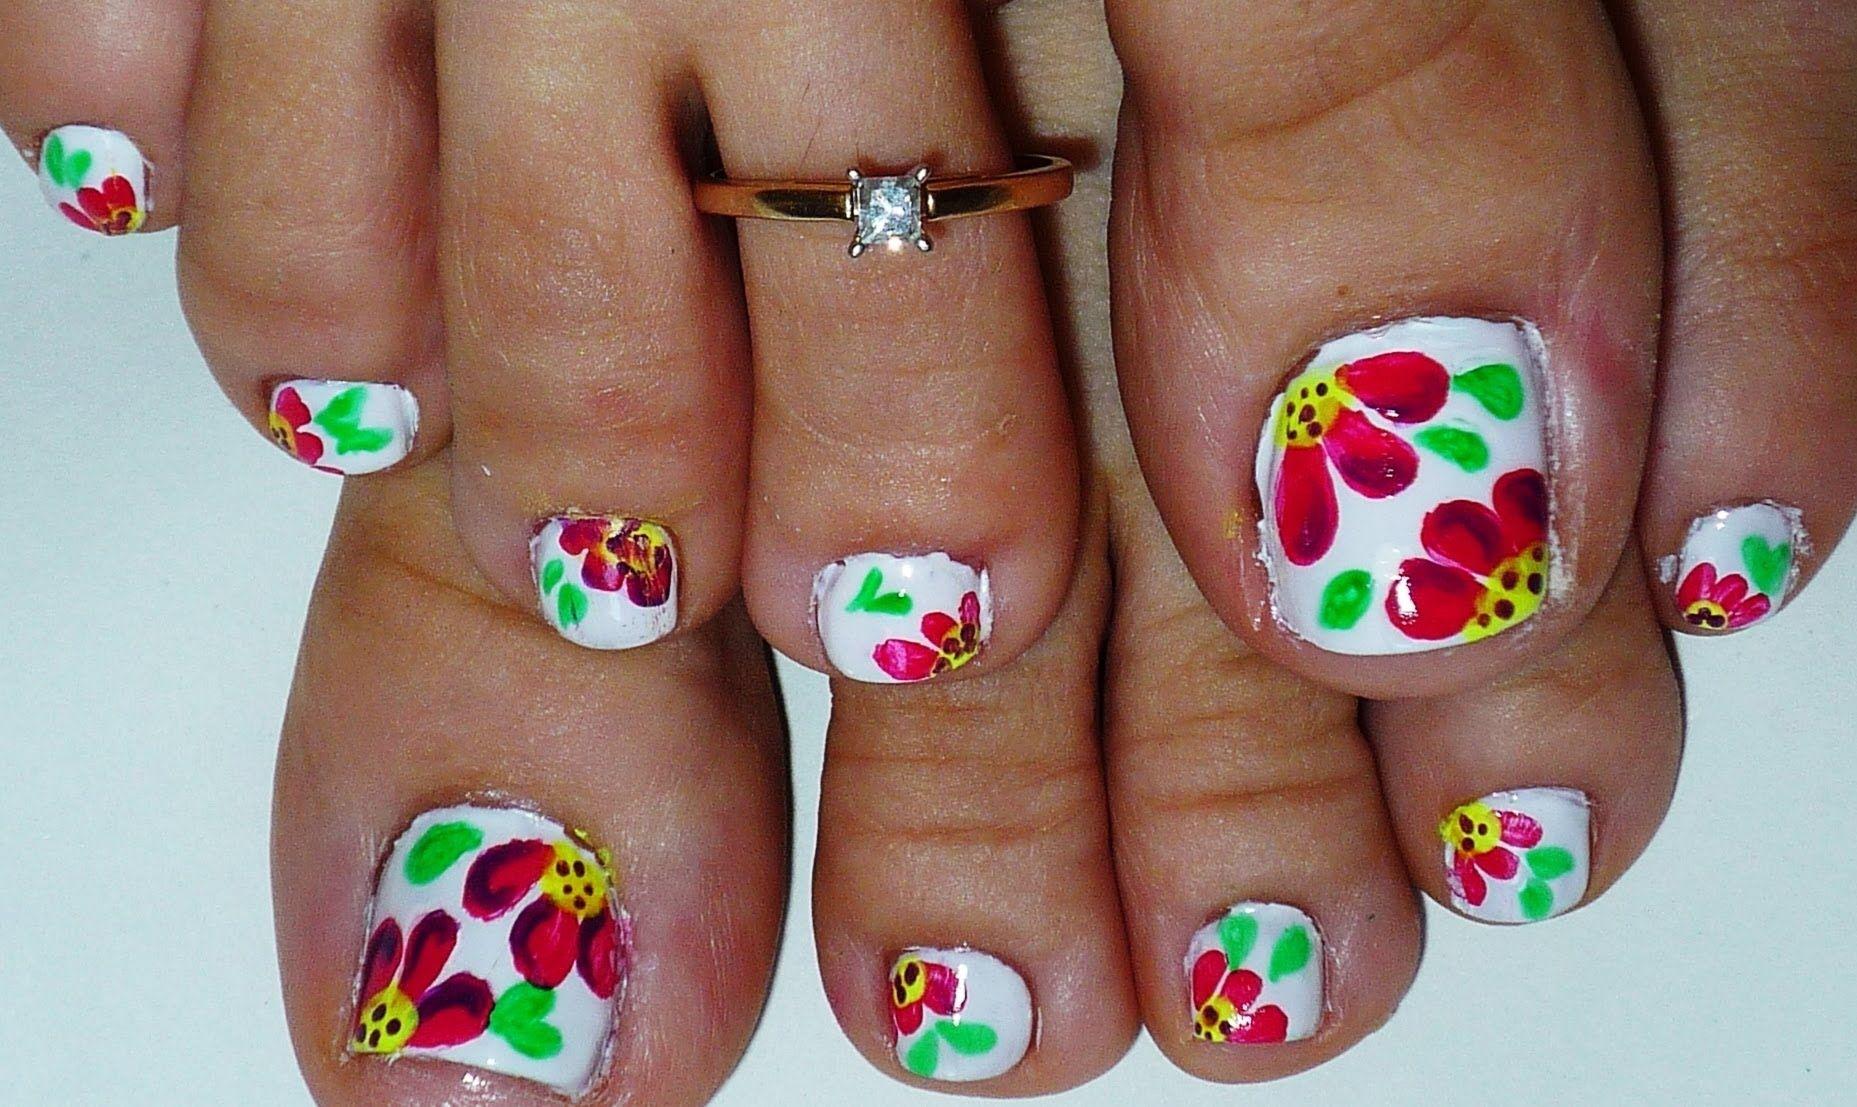 Summer Flowers Toe Nail Art Design - YouTube | nail art | Pinterest ...